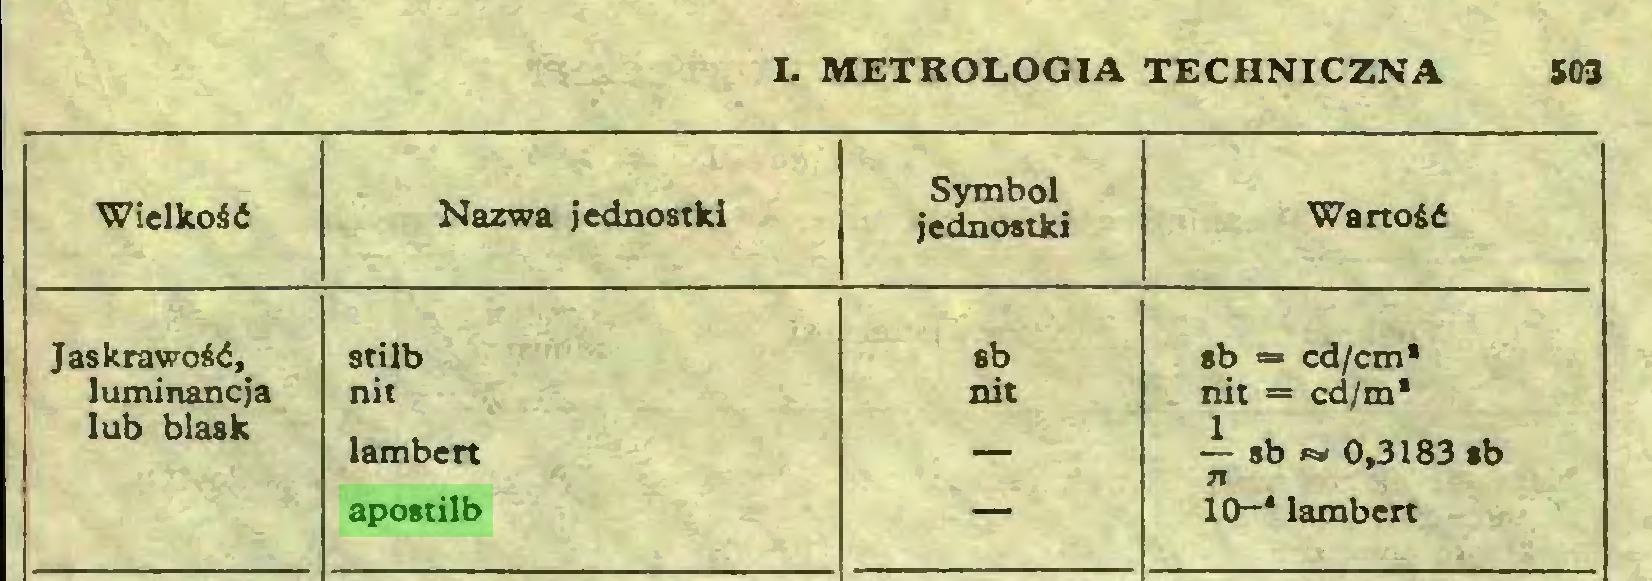 (...) I. METROLOGIA TECHNICZNA 503 Wielkość Nazwa jednostki Symbol jednostki Wartość Jaskrawość, lutni nancja lub blask stilb nit lambett sb nit sb = cd/cm* nit = cd/m* ~ sb » 0,3183 sb apostilb — 10~* lamben...